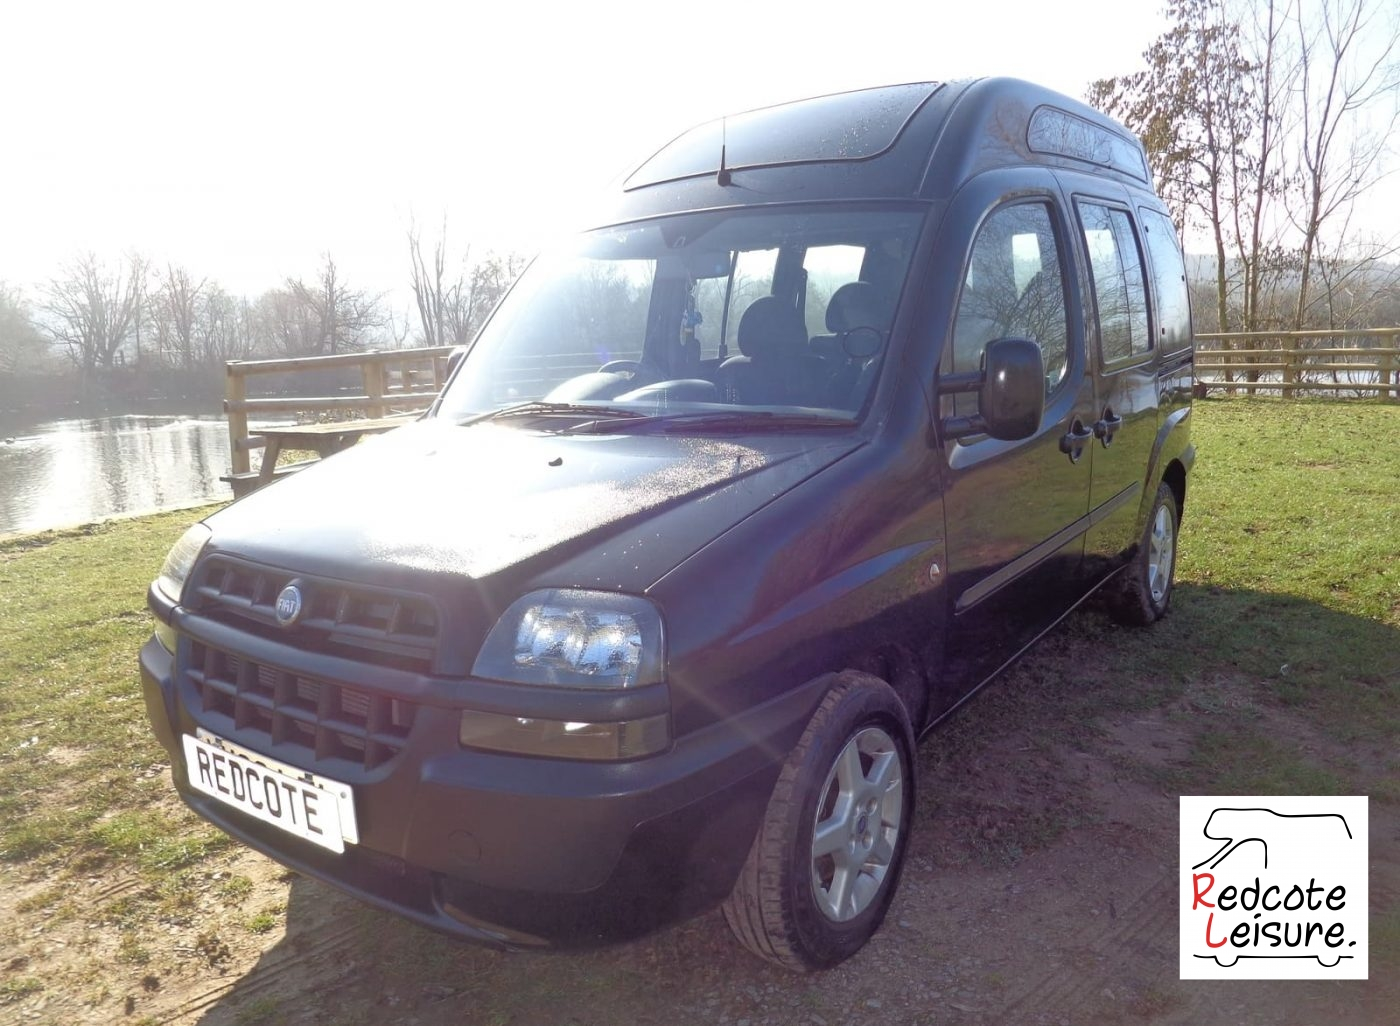 2003 Fiat Doblo JTD ELX High Top Micro Camper (1)